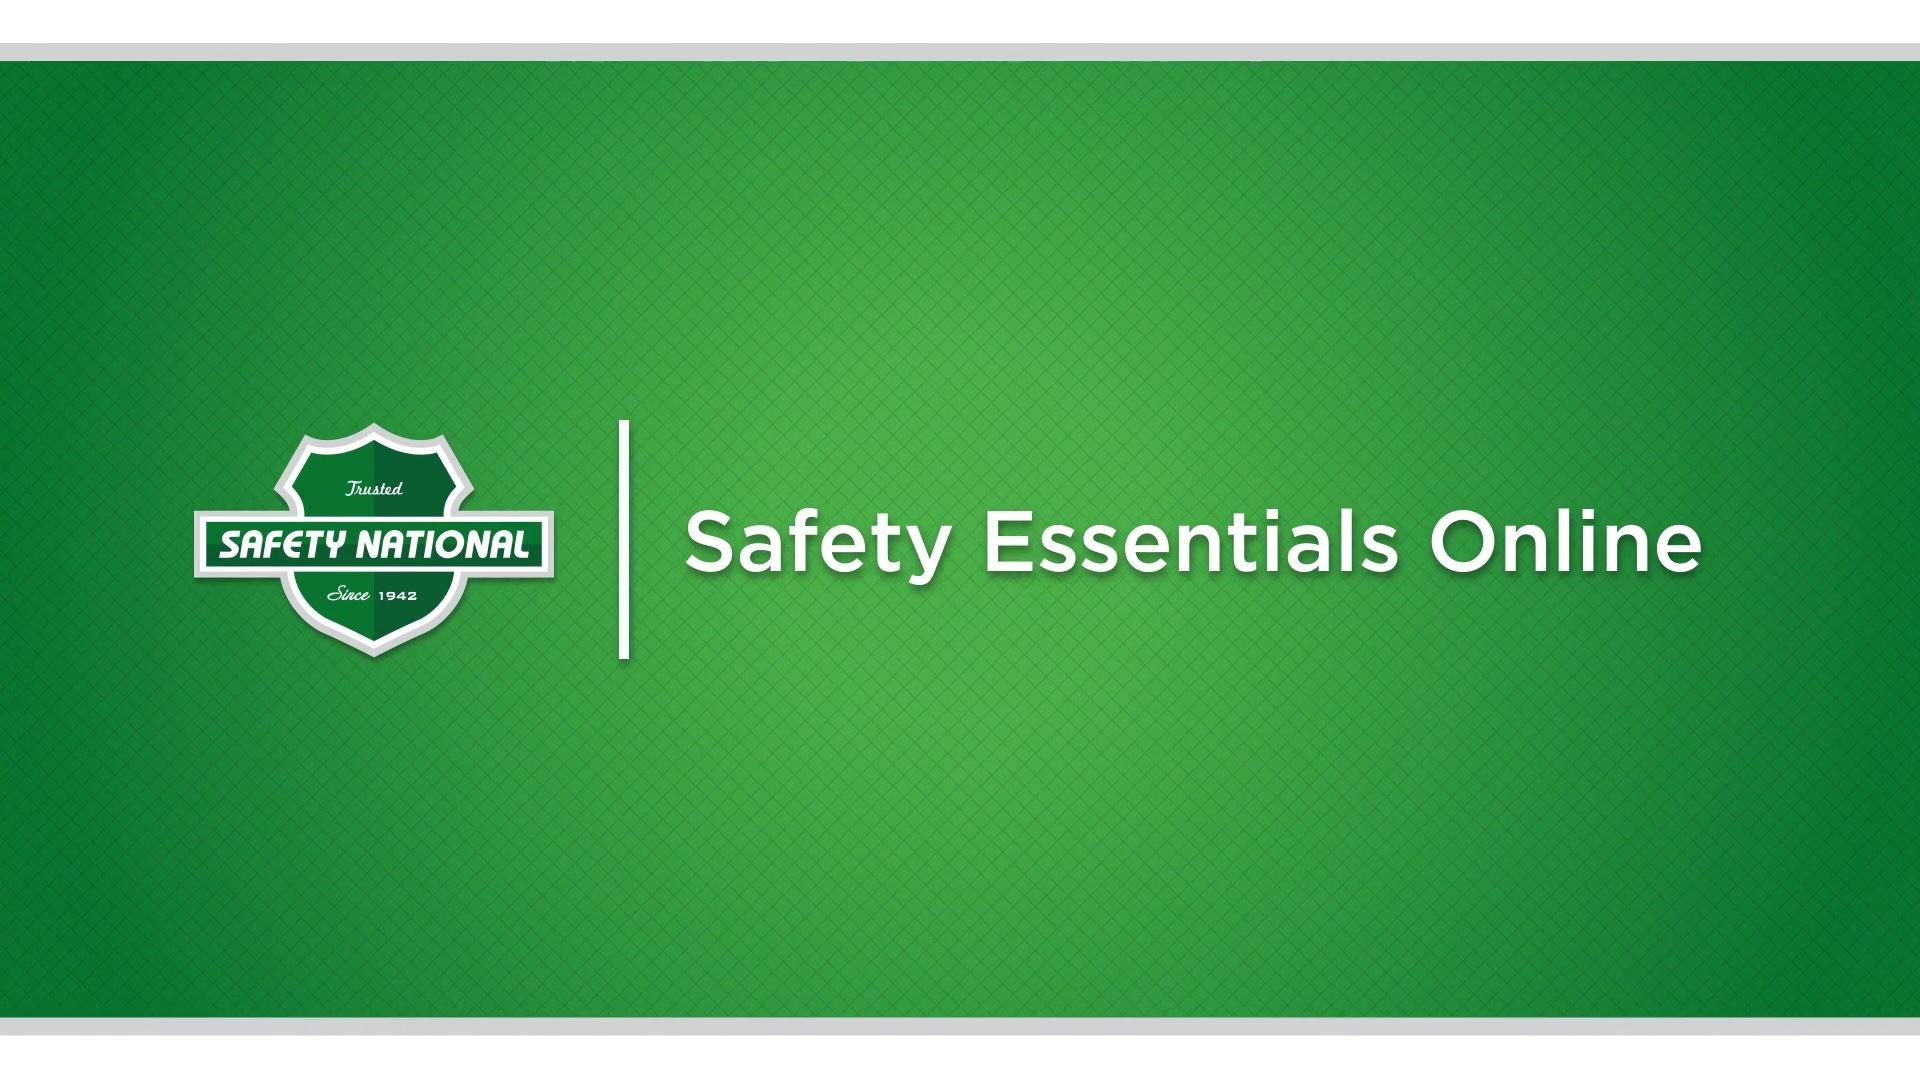 Safety National Safety Essentials Online